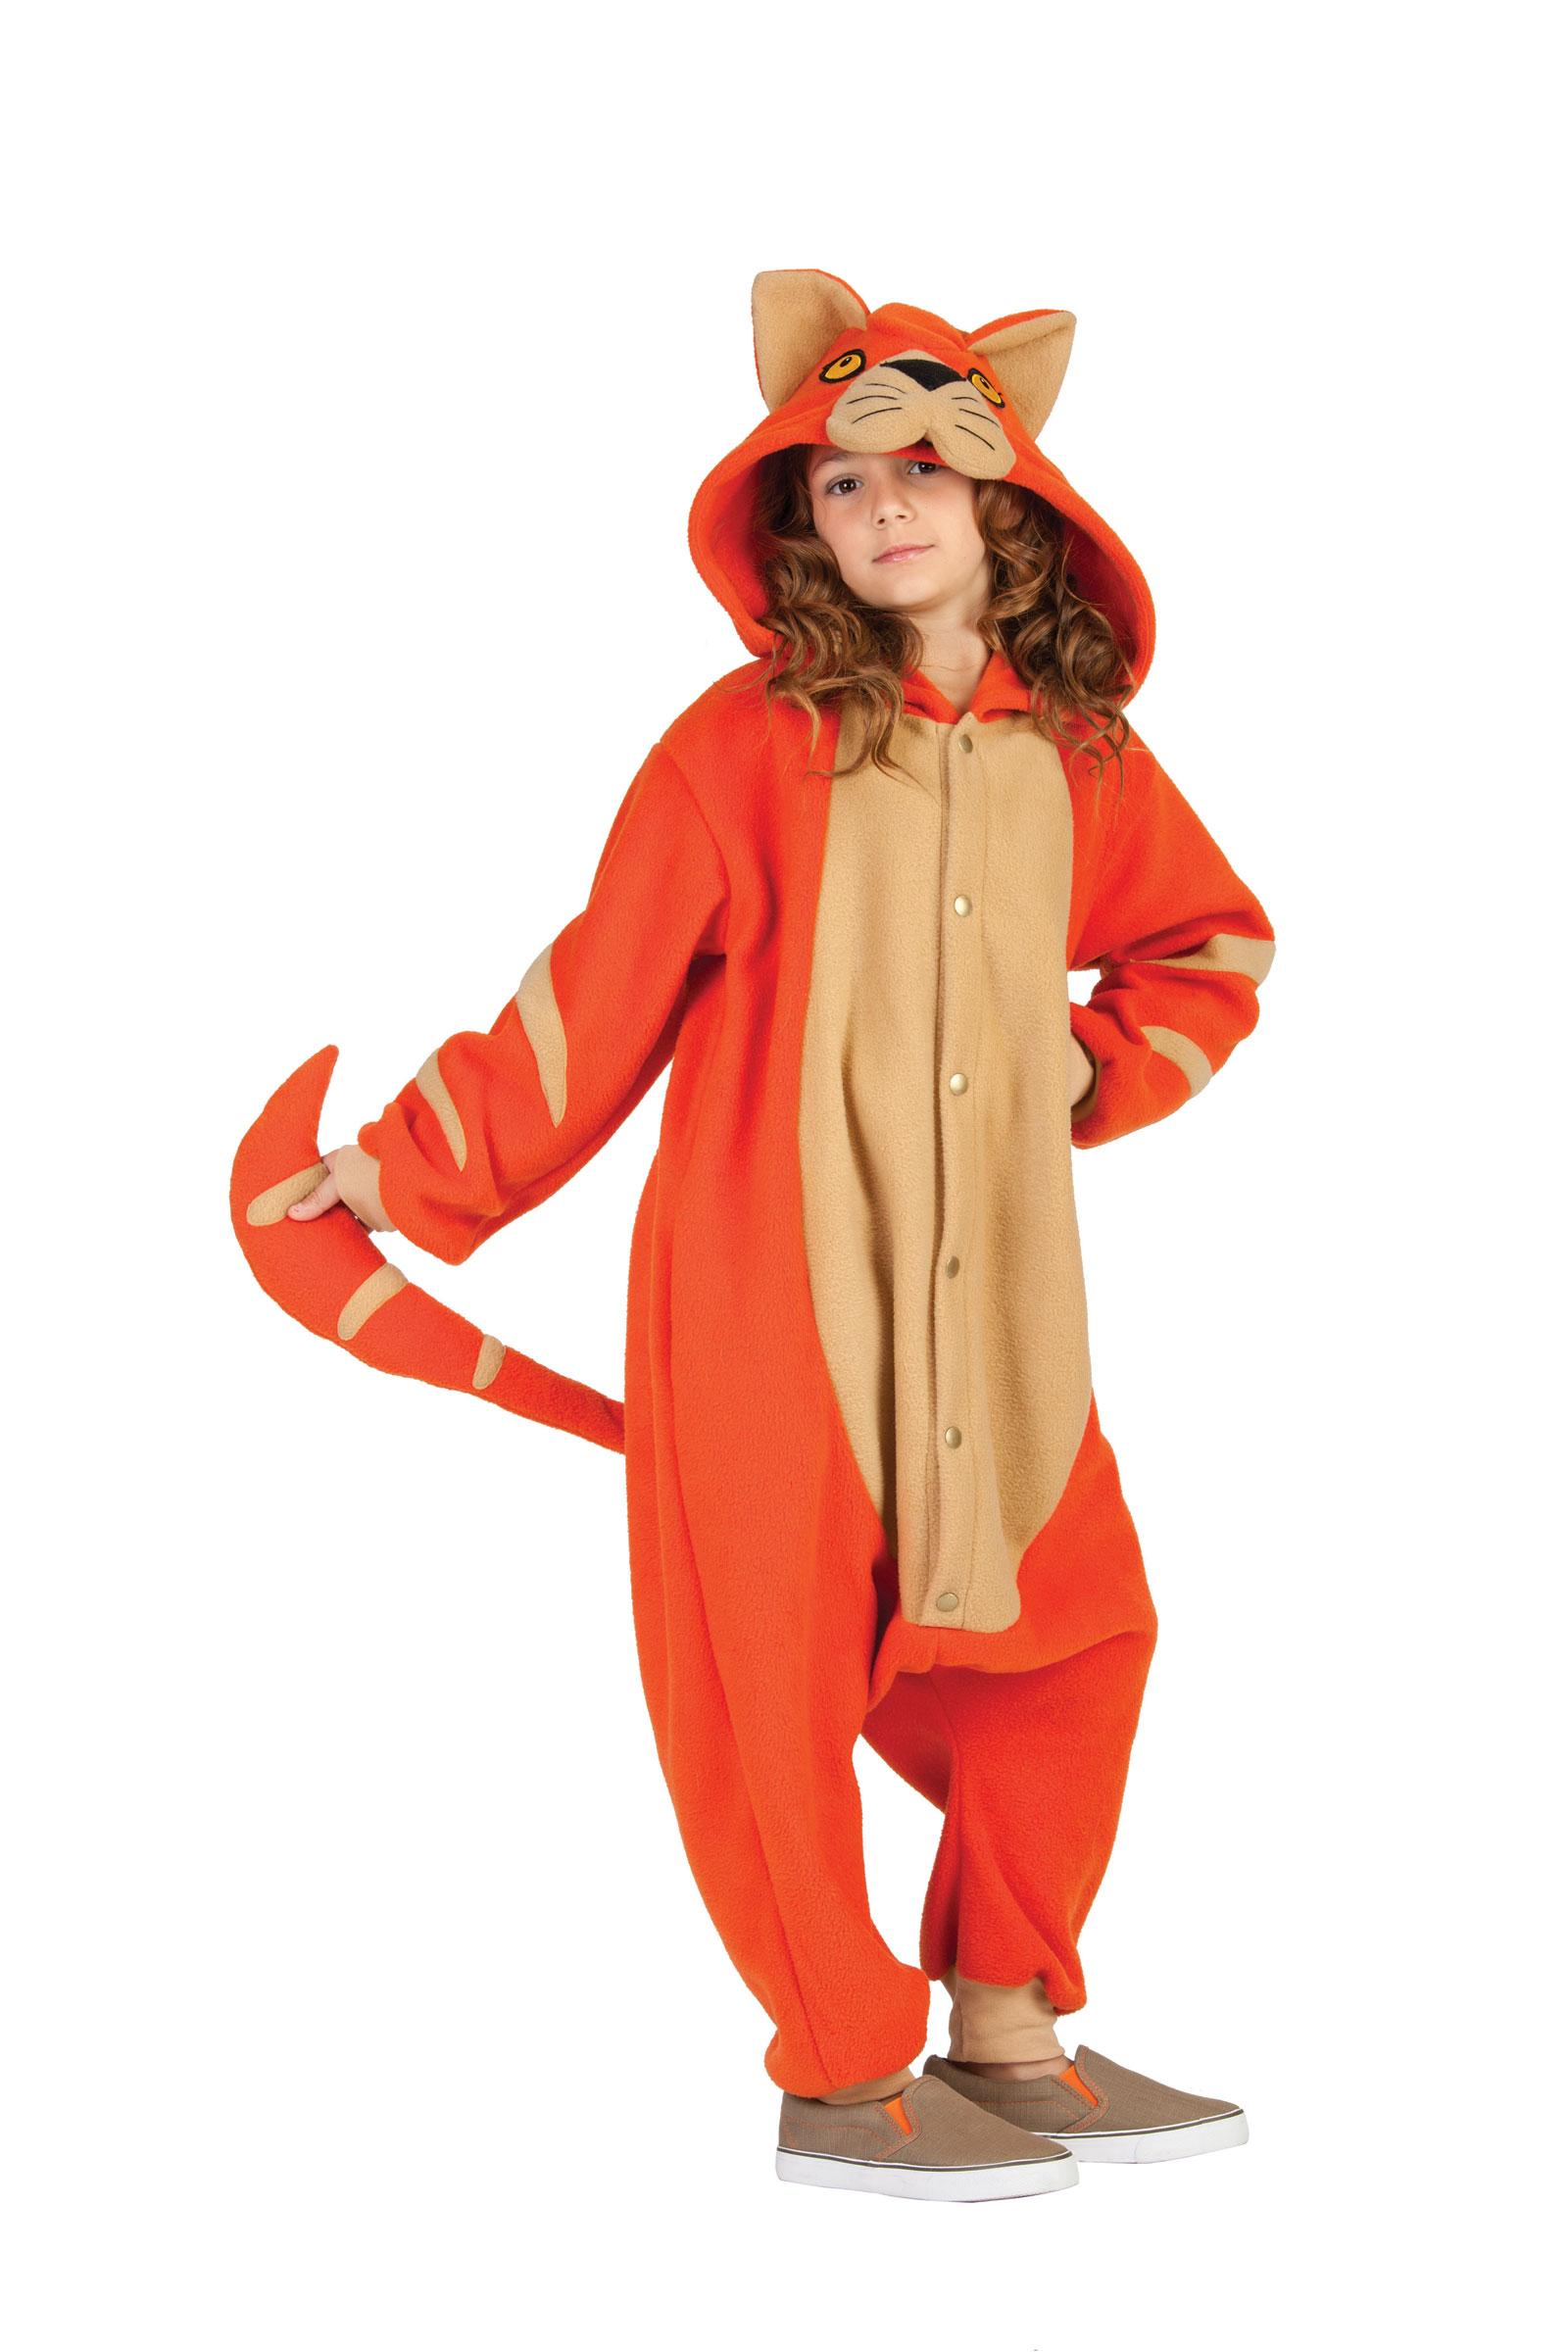 Rg Fun 19 Childs Costume Style Fun 19 Tai The Tabby